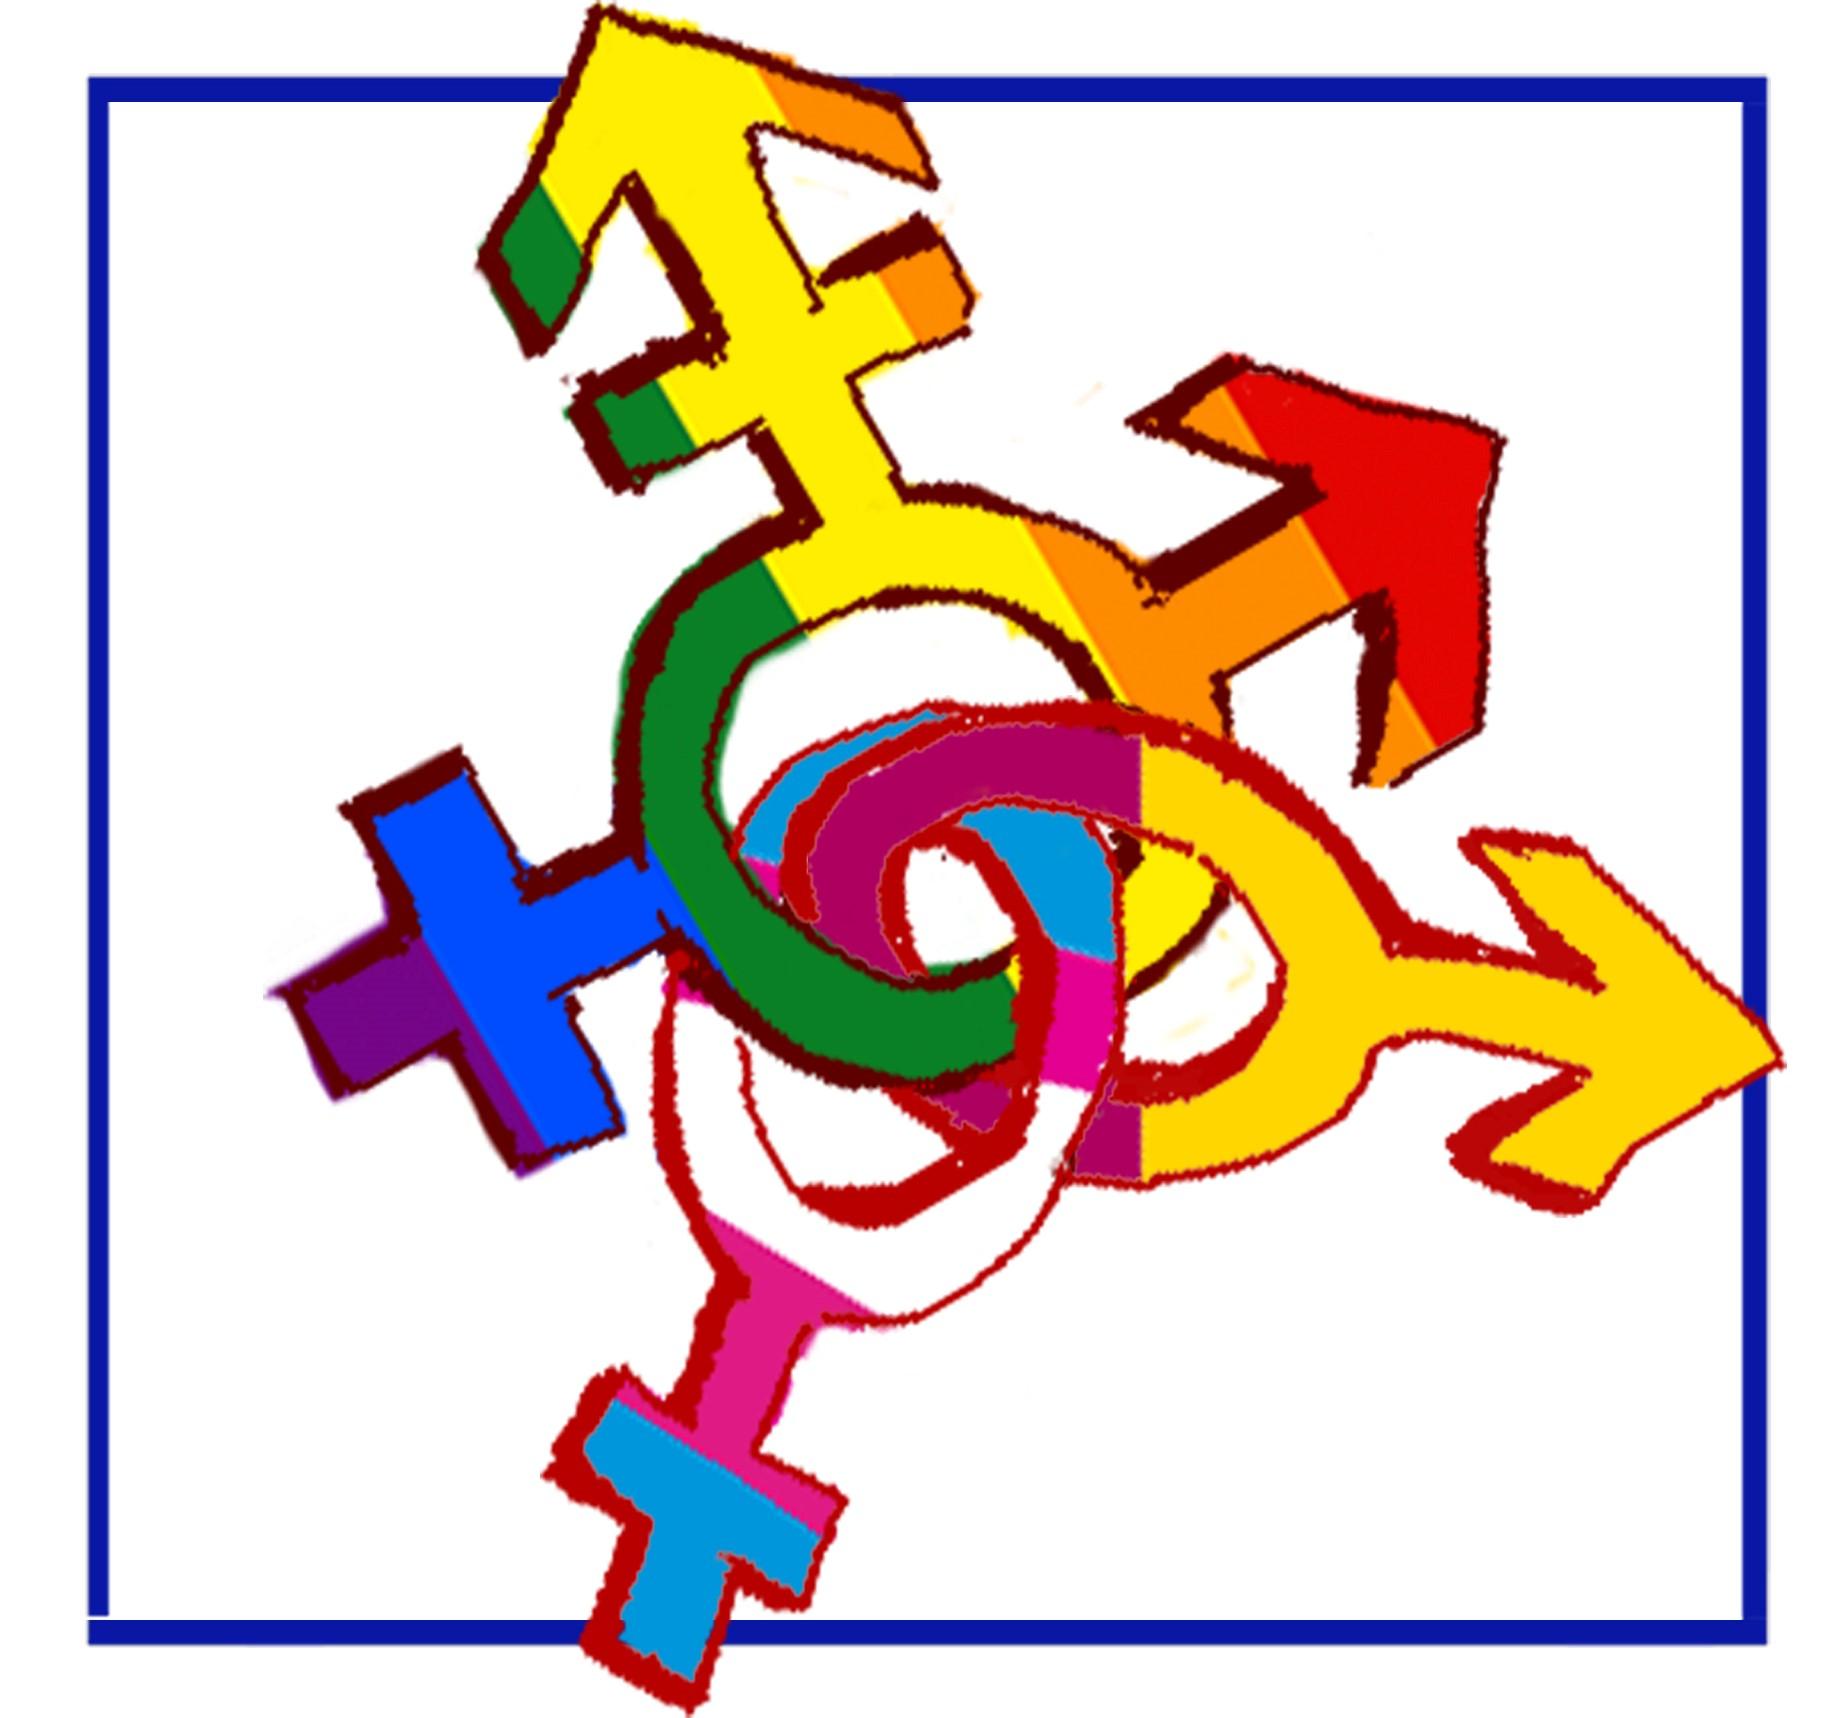 Bild_Queerformat